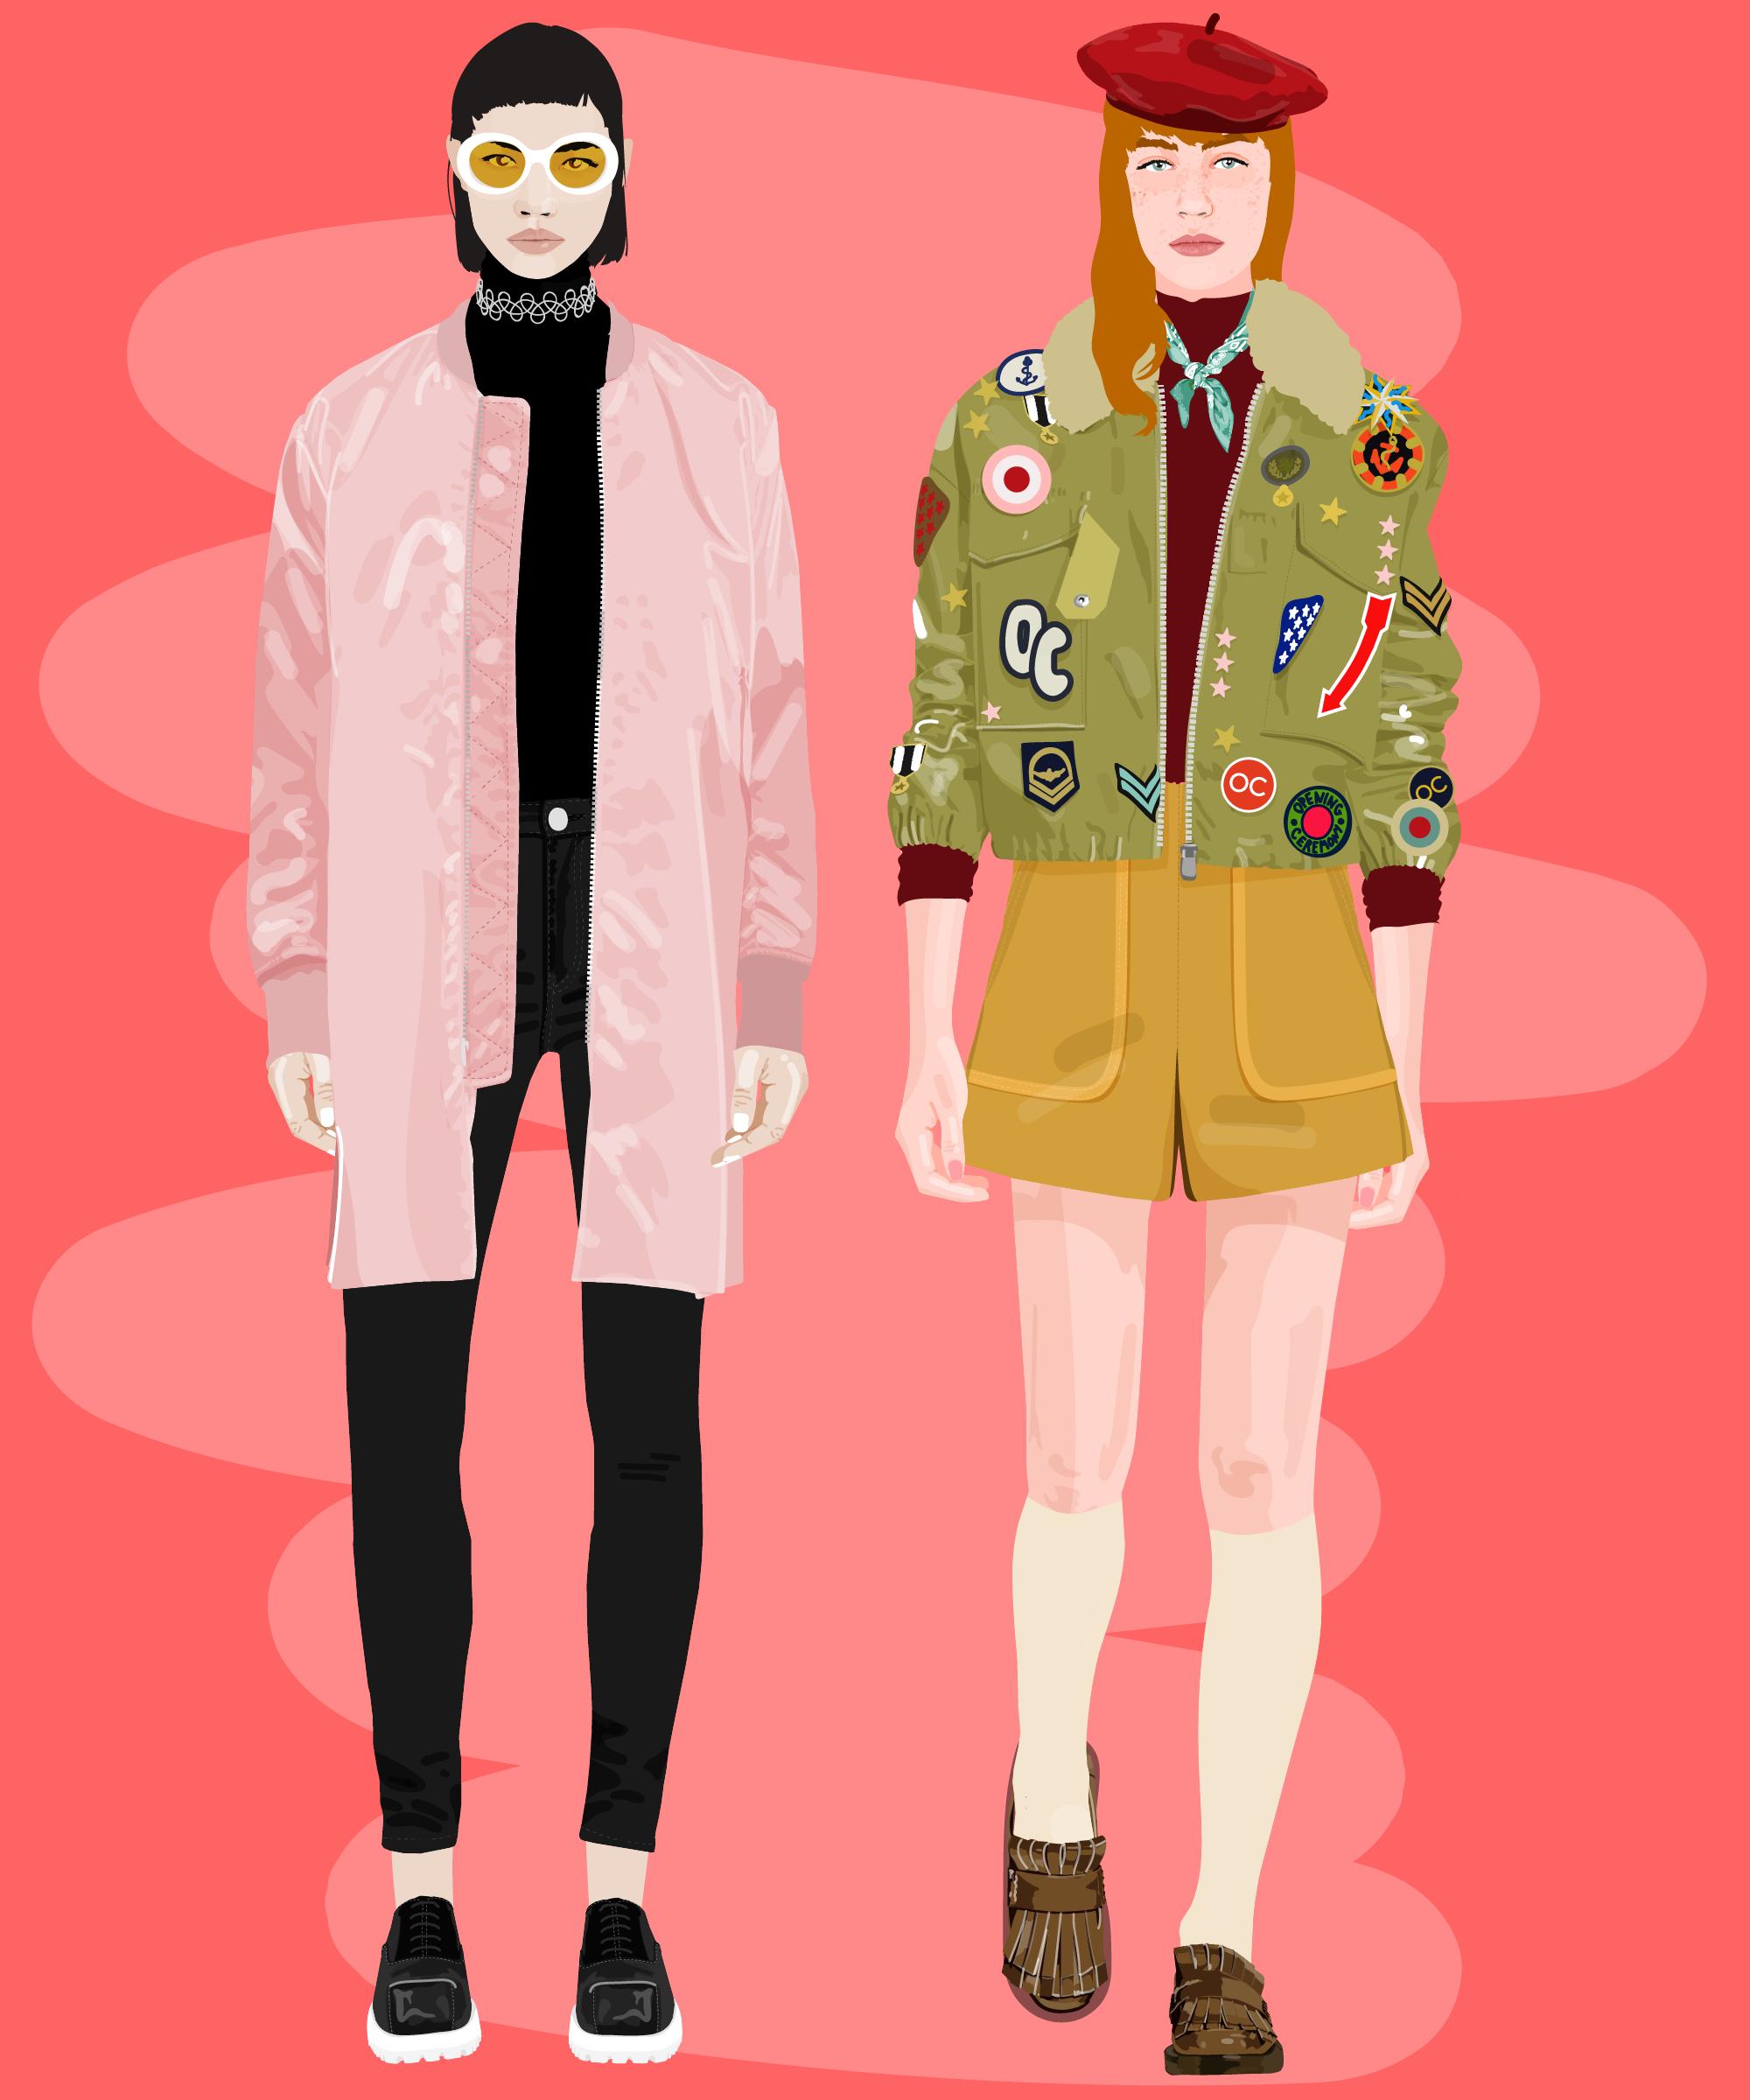 Sudit_Anna_TK_Designer_Collabs_We_WISH_Would_Happen_opener_030716-03